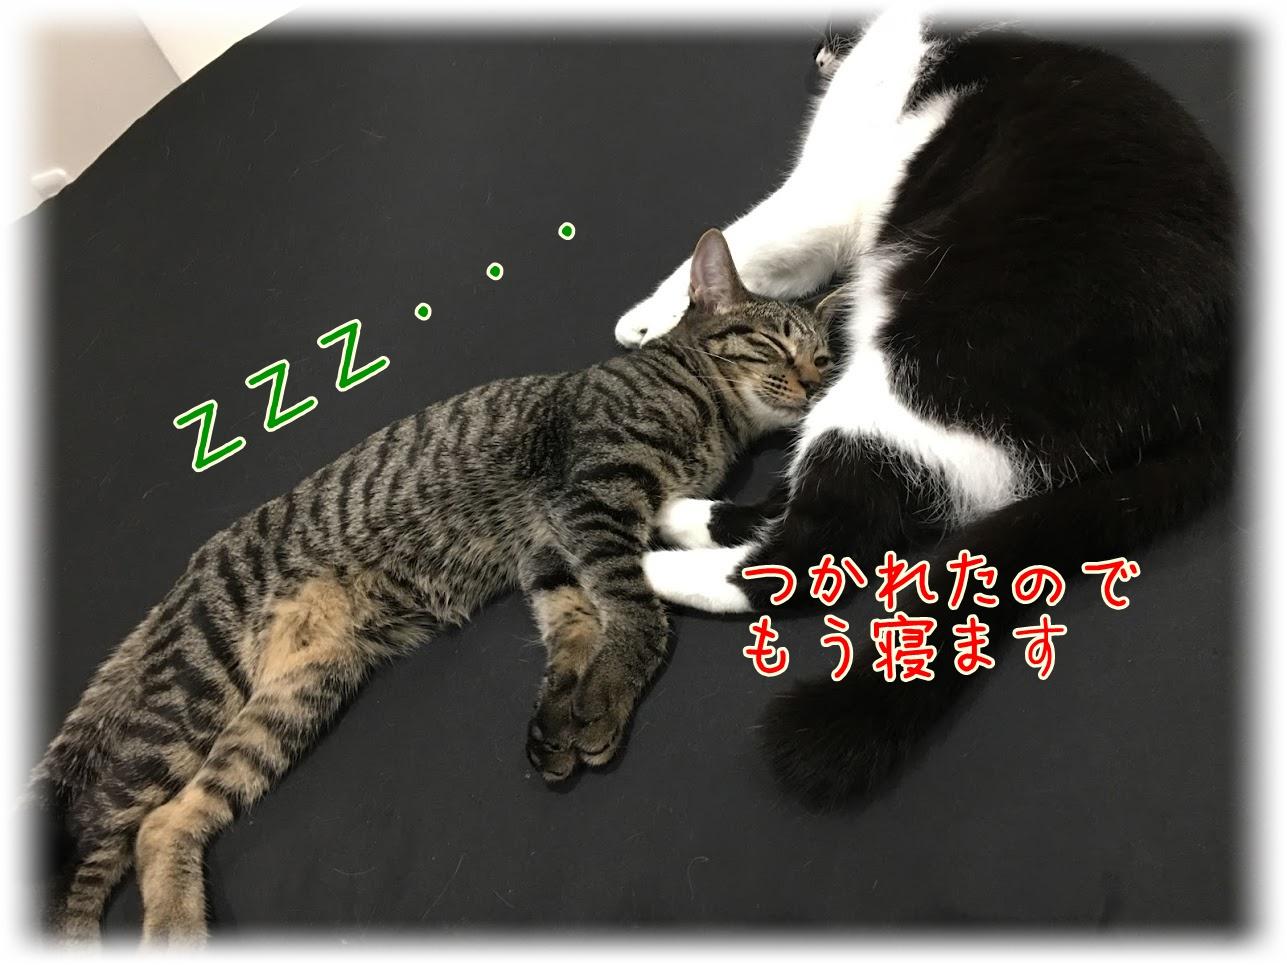 毎日開催される?猫が夜中にする運動会について。どうして夜暴れるの?対処方法は?